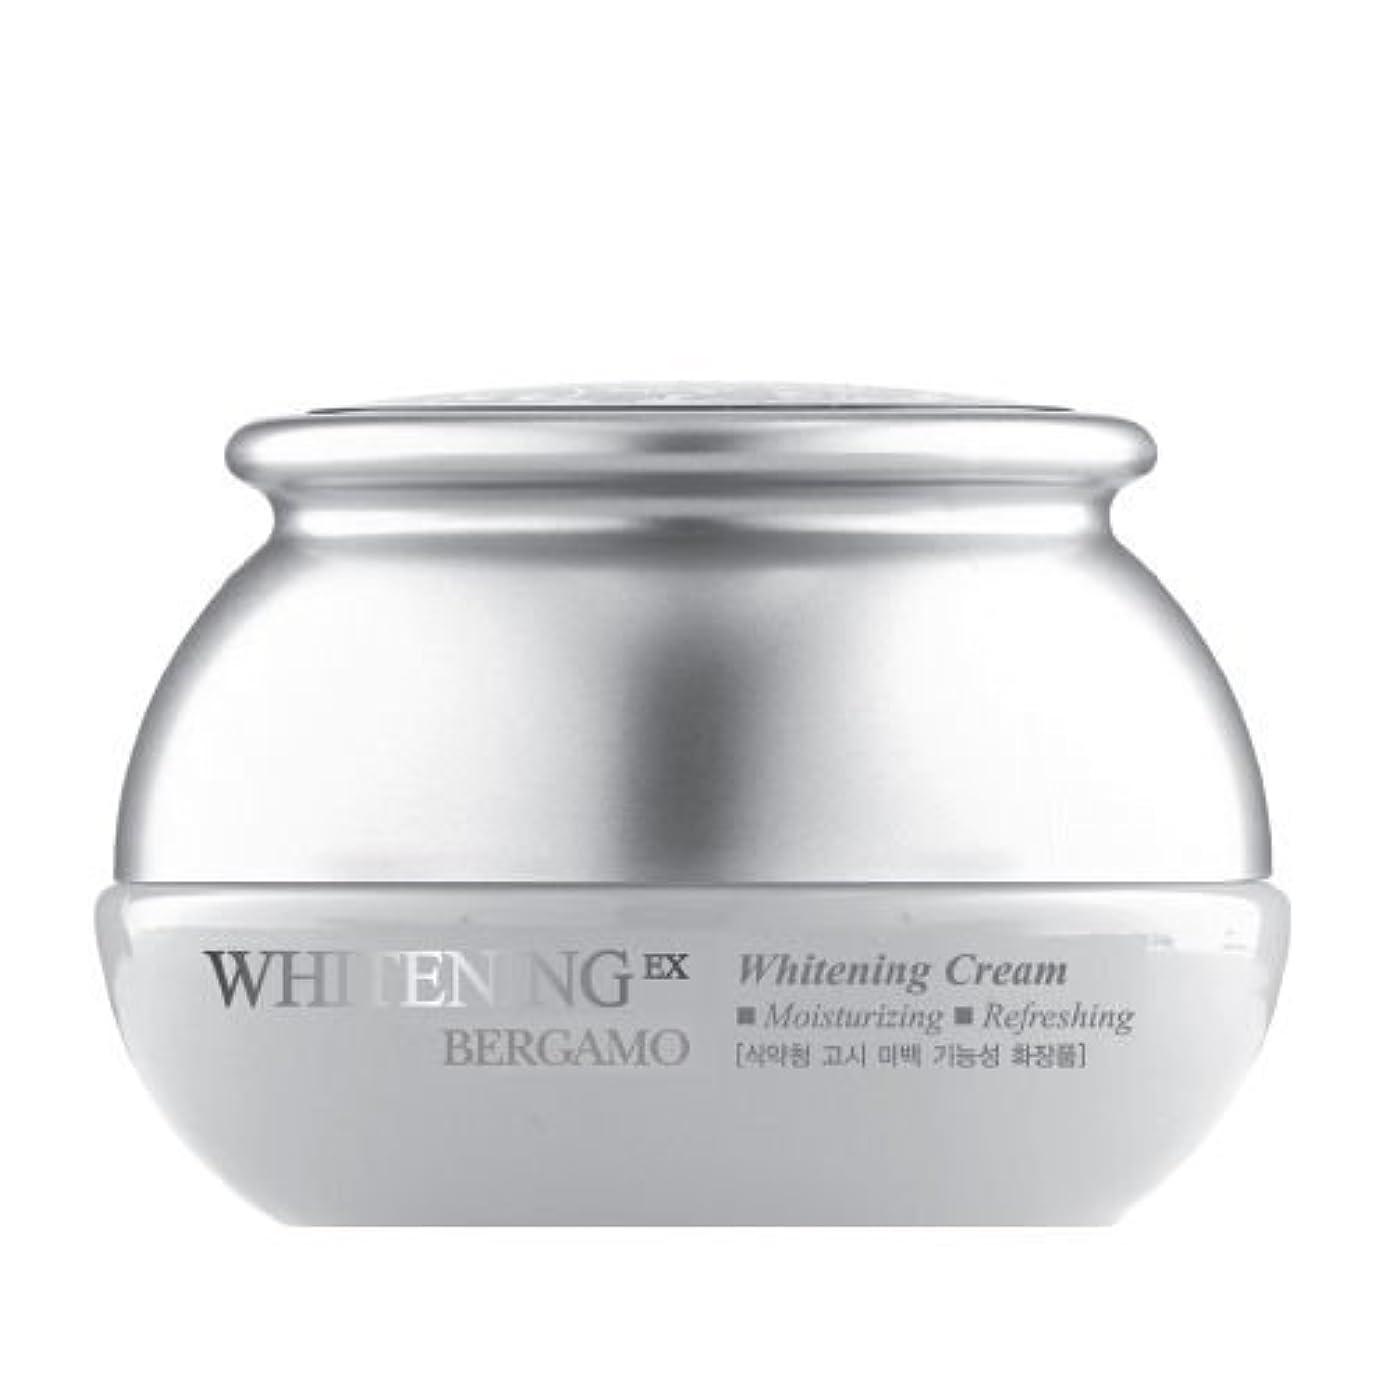 スプレーずるい衣服ベルガモ[韓国コスメBergamo]Whitening EX Wrinkle Care Cream ホワイトニングEXリンクルケアクリーム50ml しわ管理 [並行輸入品]